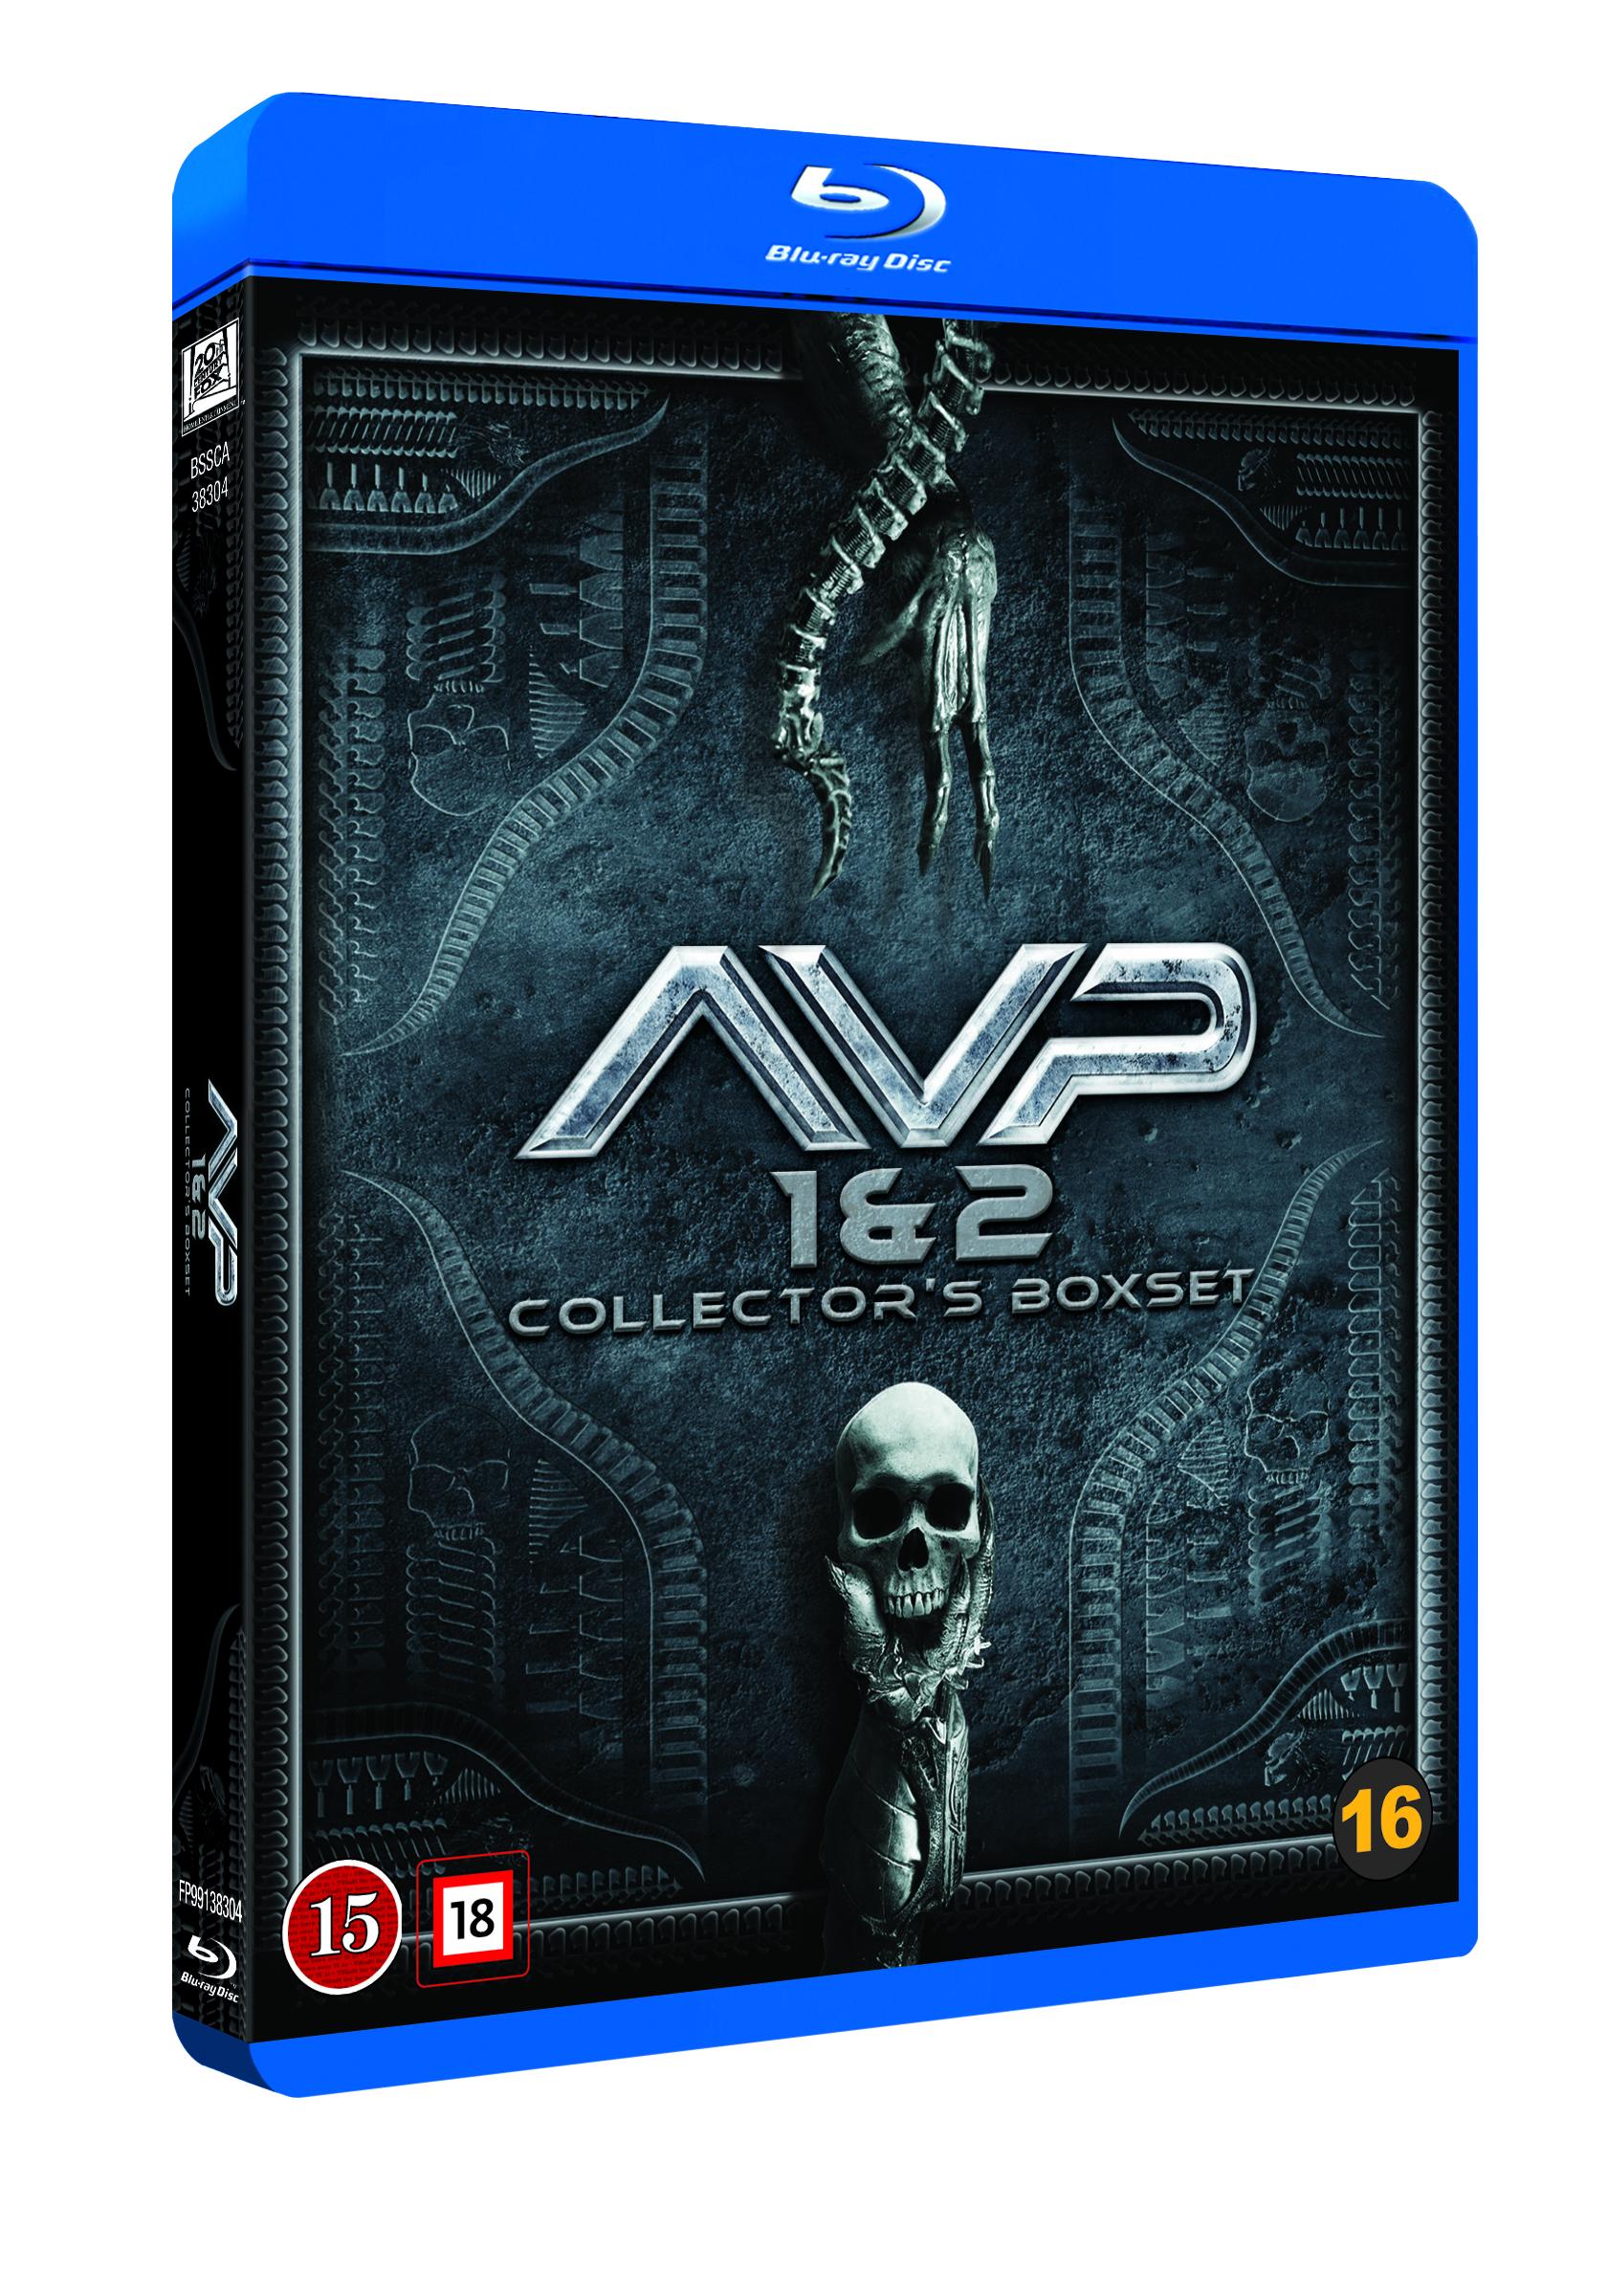 Alien Vs Predator 1-2 boxset (2 disc) (Blu-Ray)